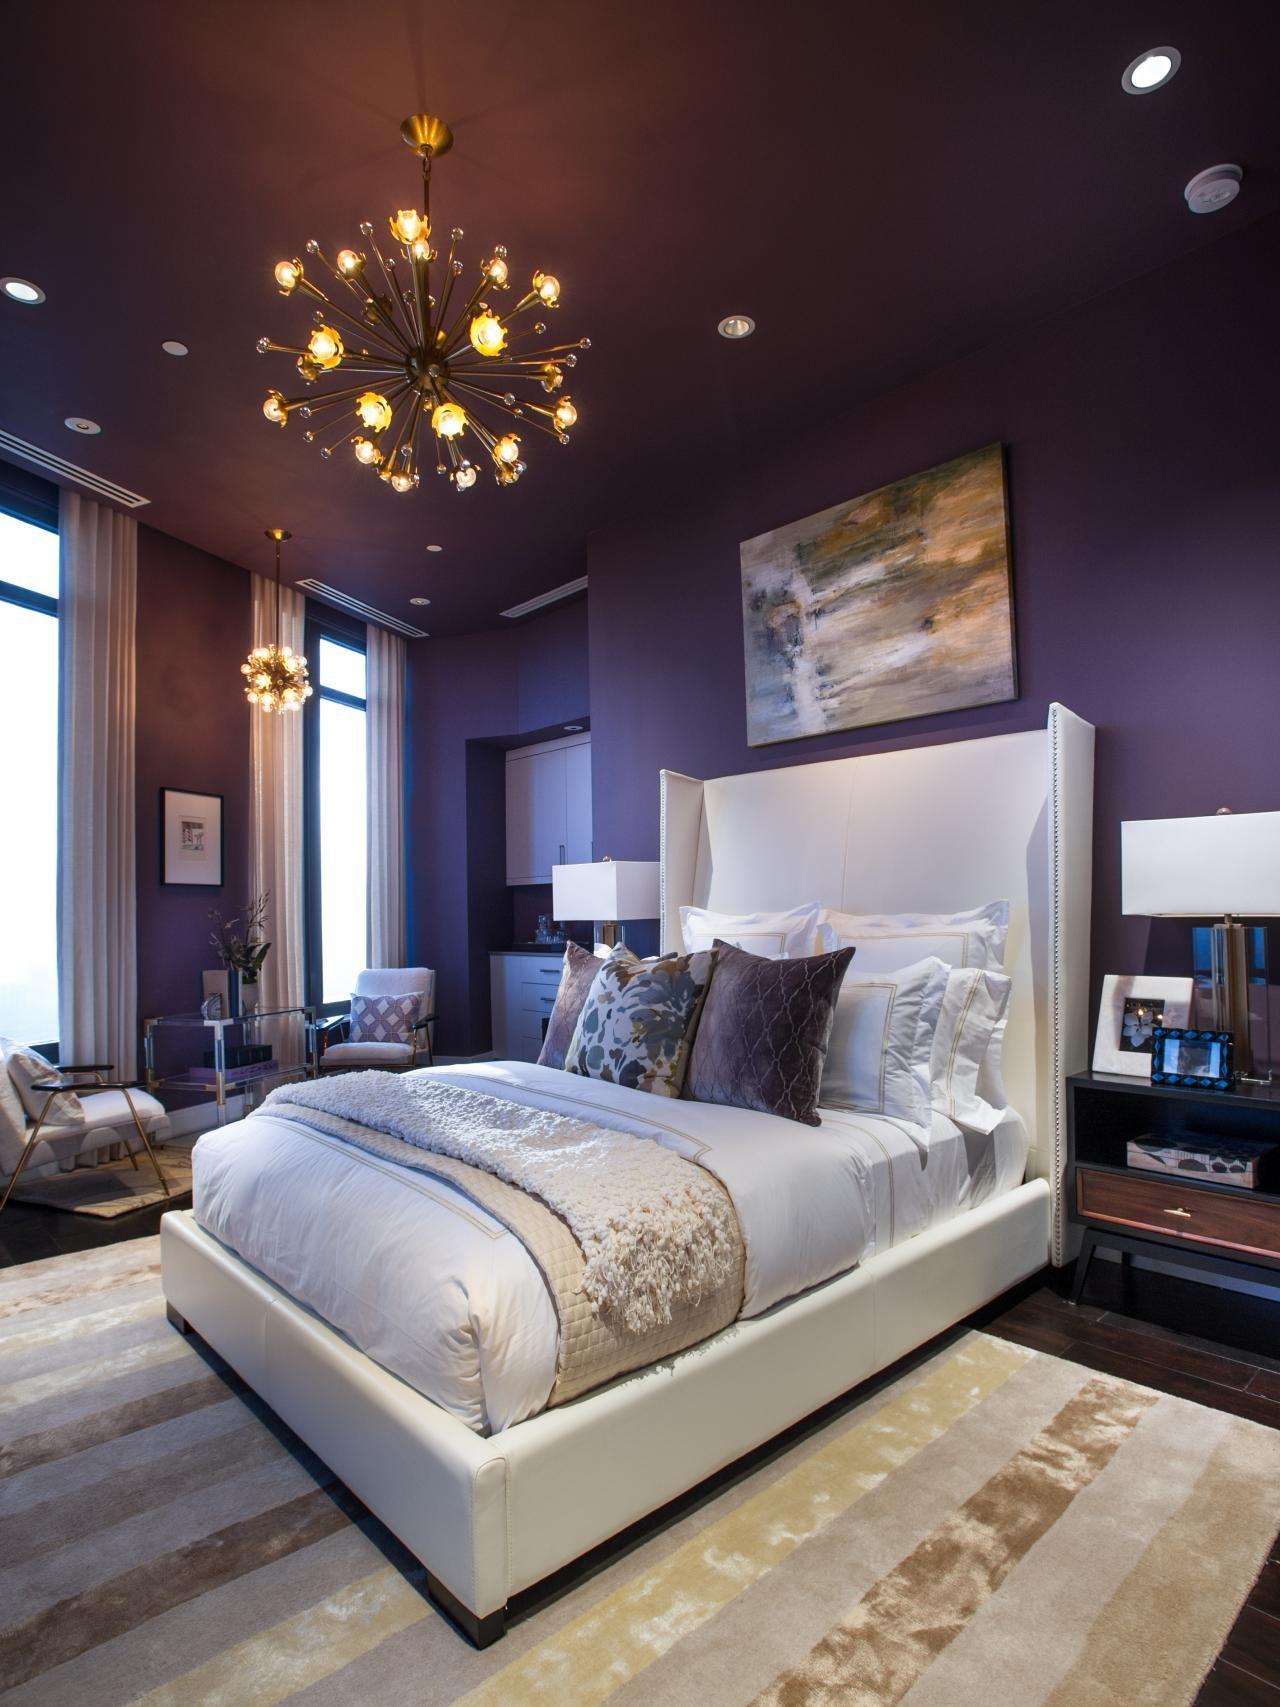 Best Master Bedroom From Hgtv Urban Oasis 2014 Bedroom 640 x 480